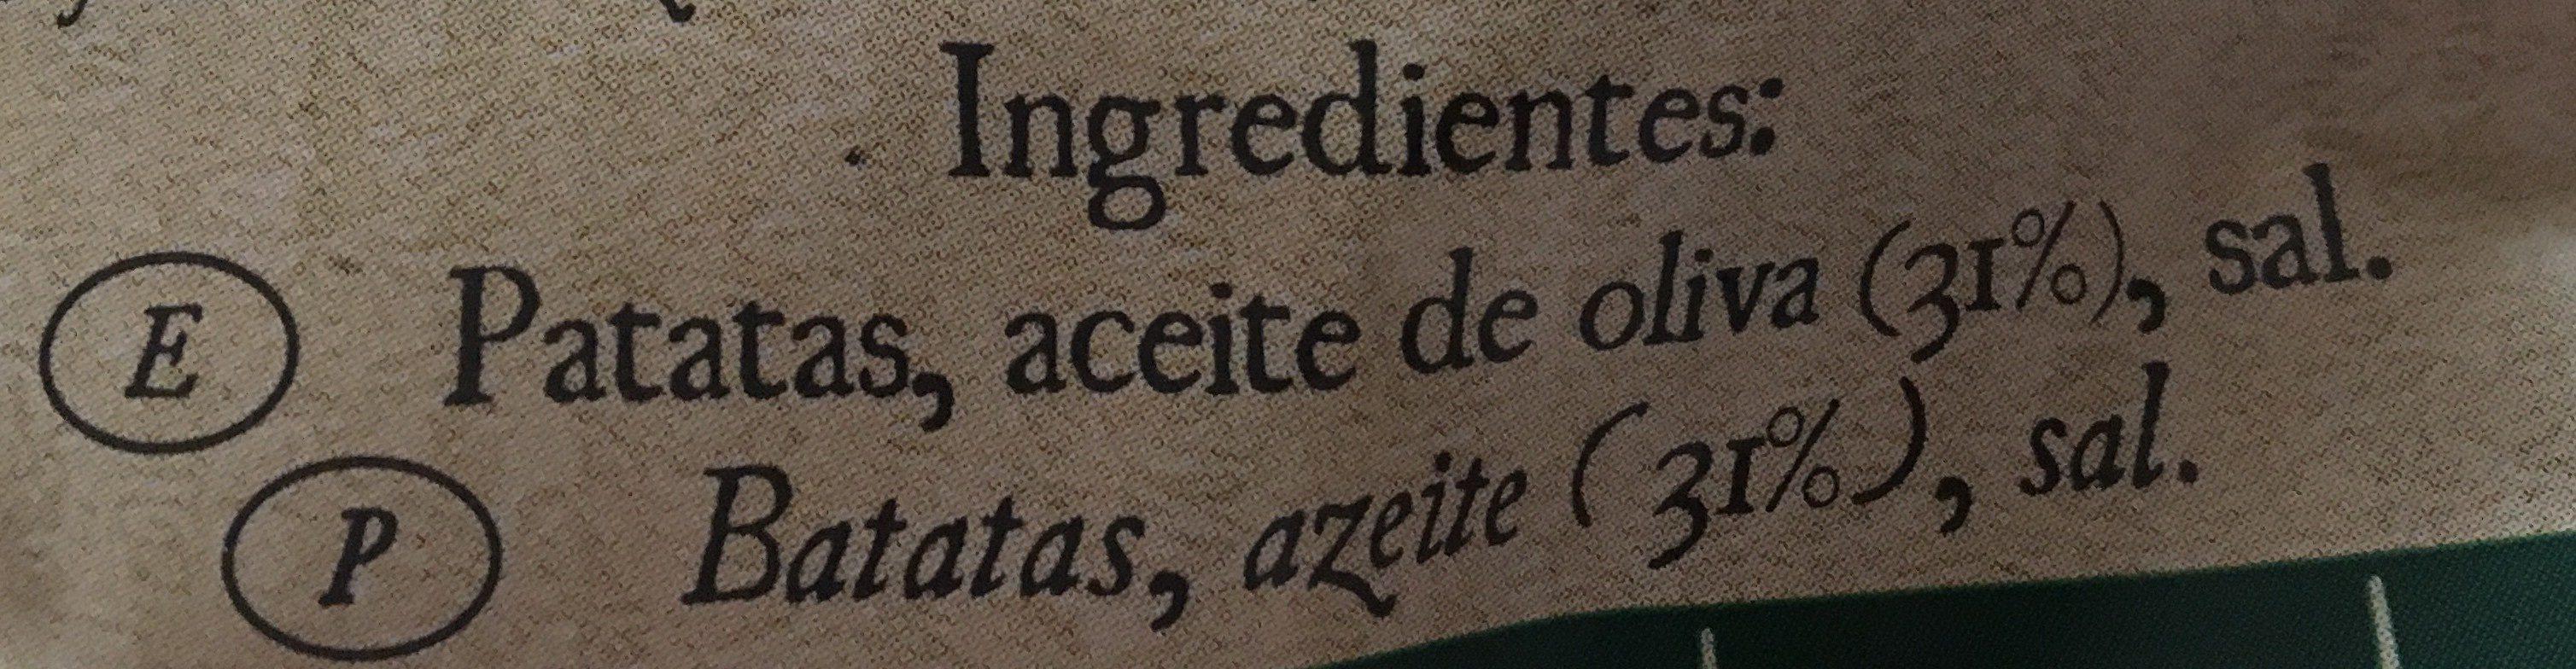 Mediterráneas 100% feitas em azeite (Pack Económica) - Ingredientes - pt